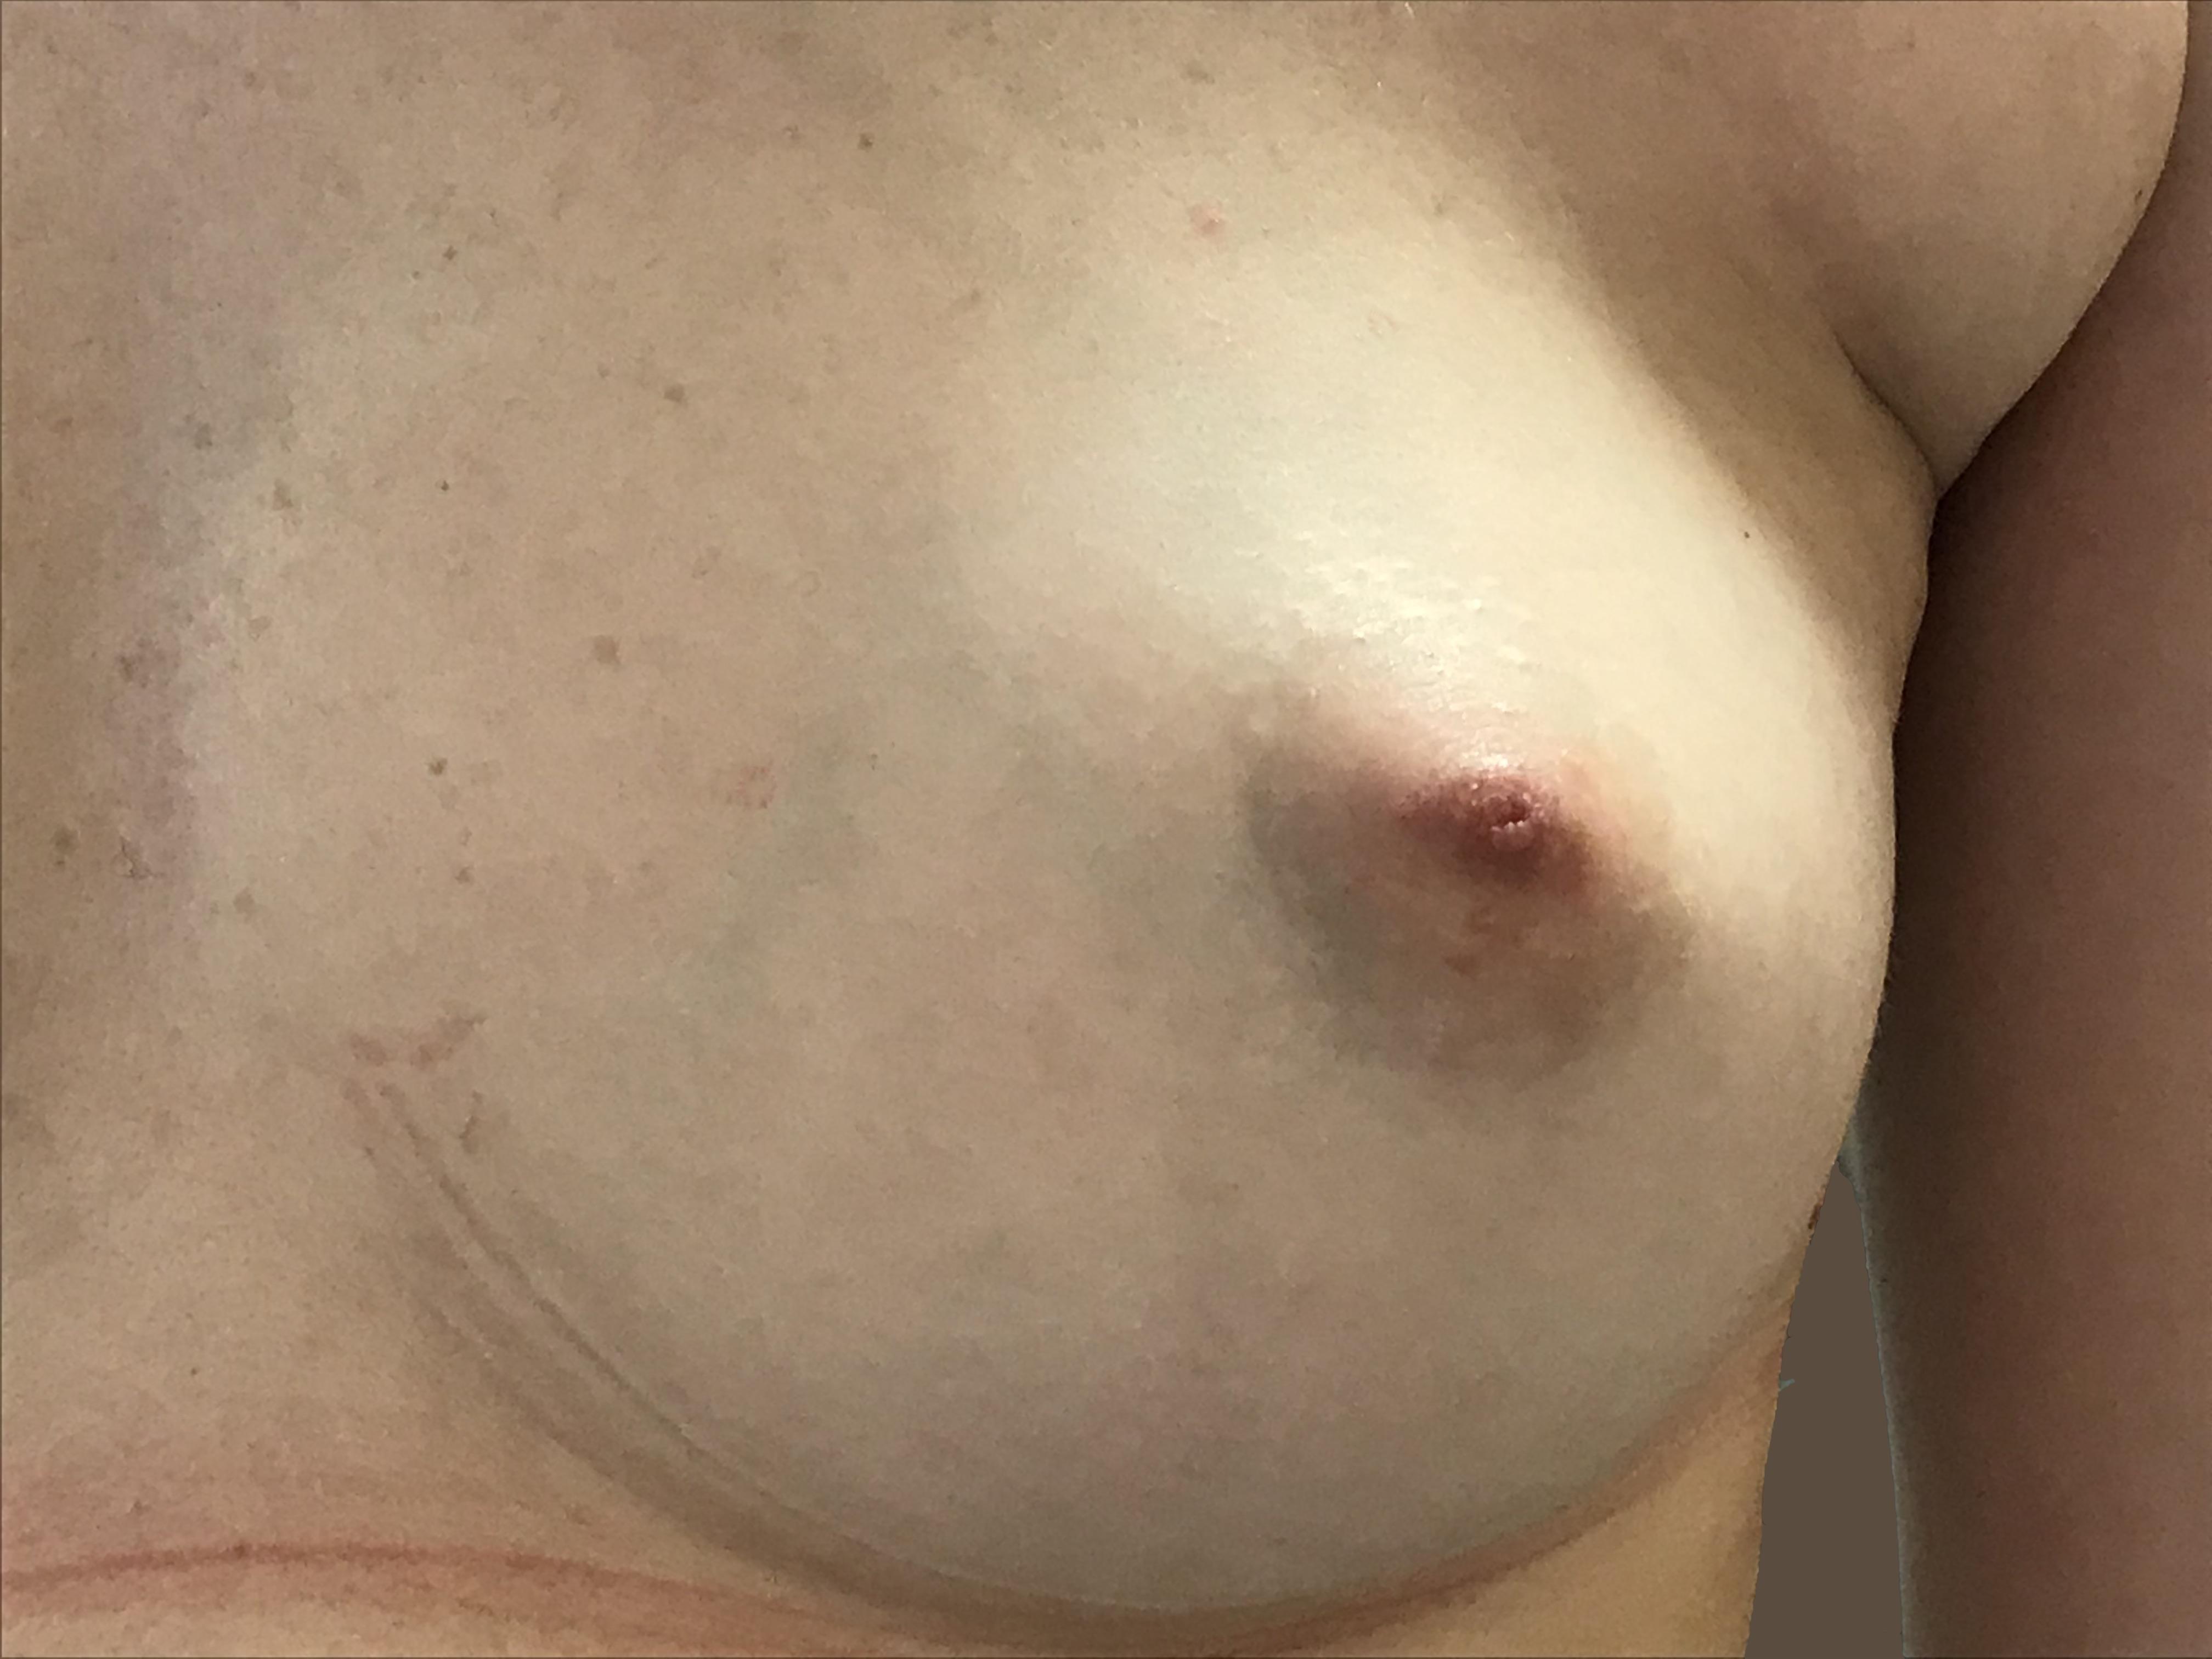 Docteur Poiret Blépharoplastie paupière inférieure